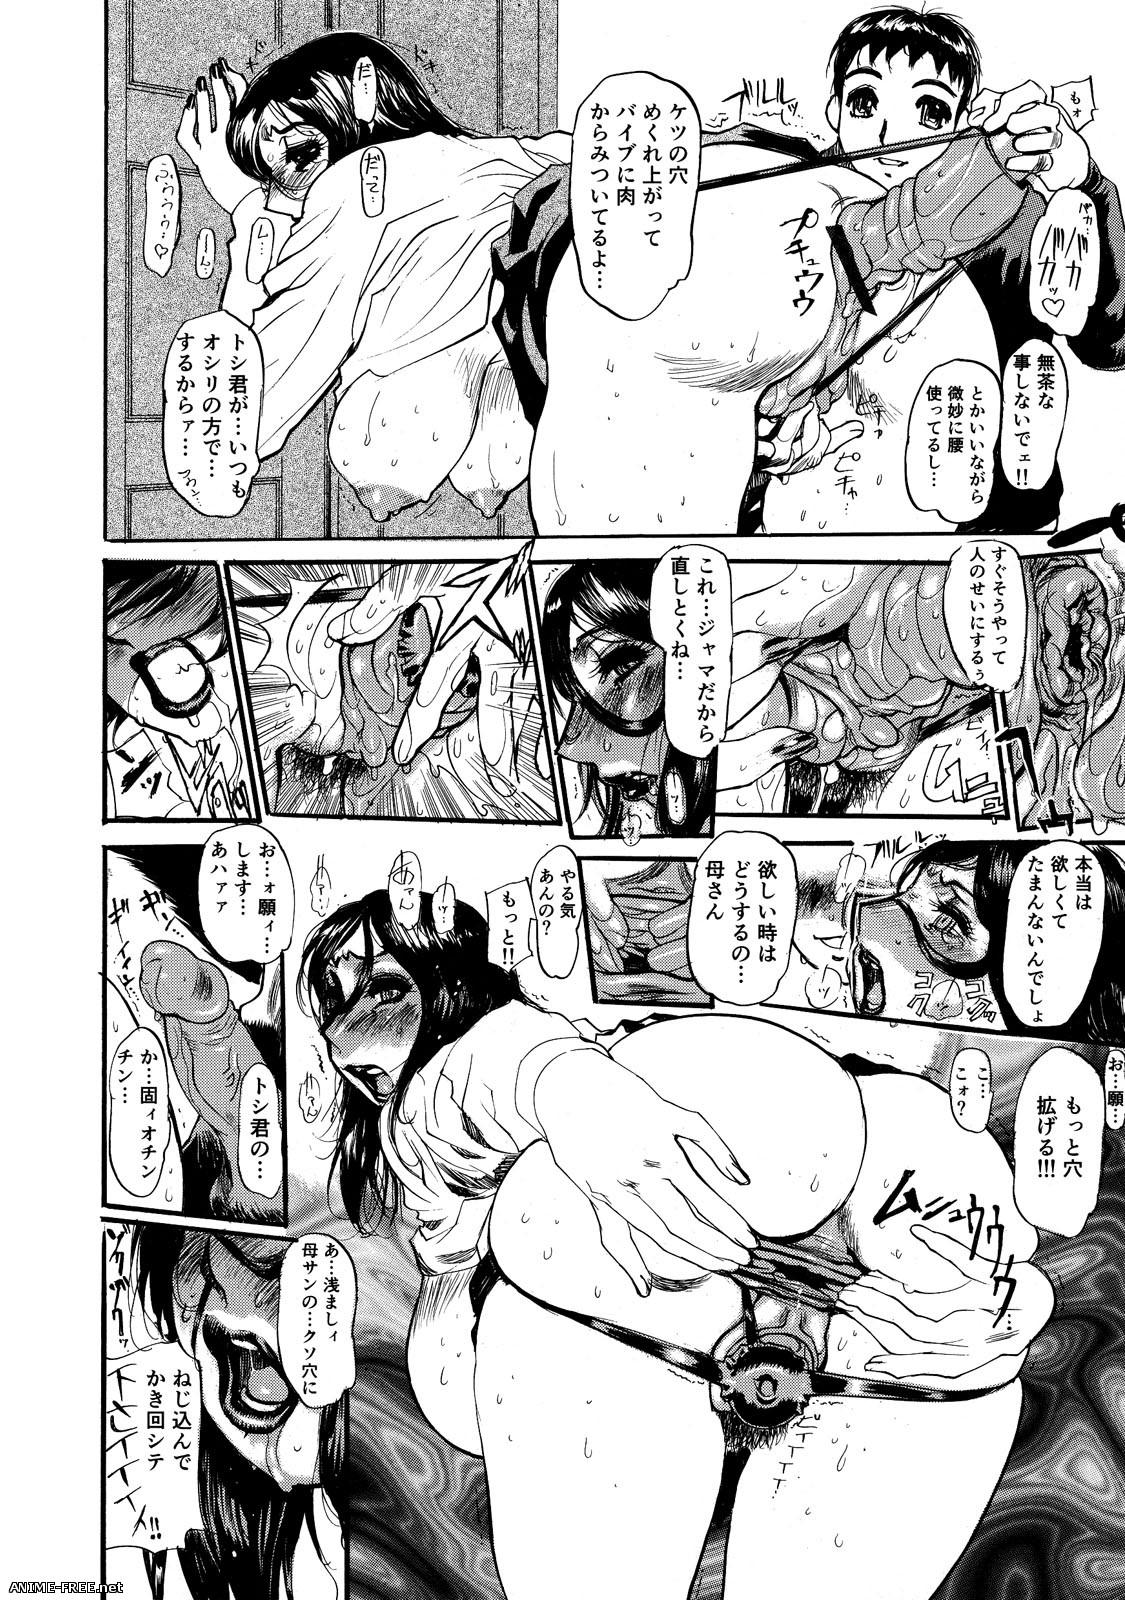 N.O. Chachamaru / Chachamaru / Heisei Chachamaru Dou - Сборник работ [1993-2016] [Ptcen] [JAP,ENG,RUS] Manga Hentai